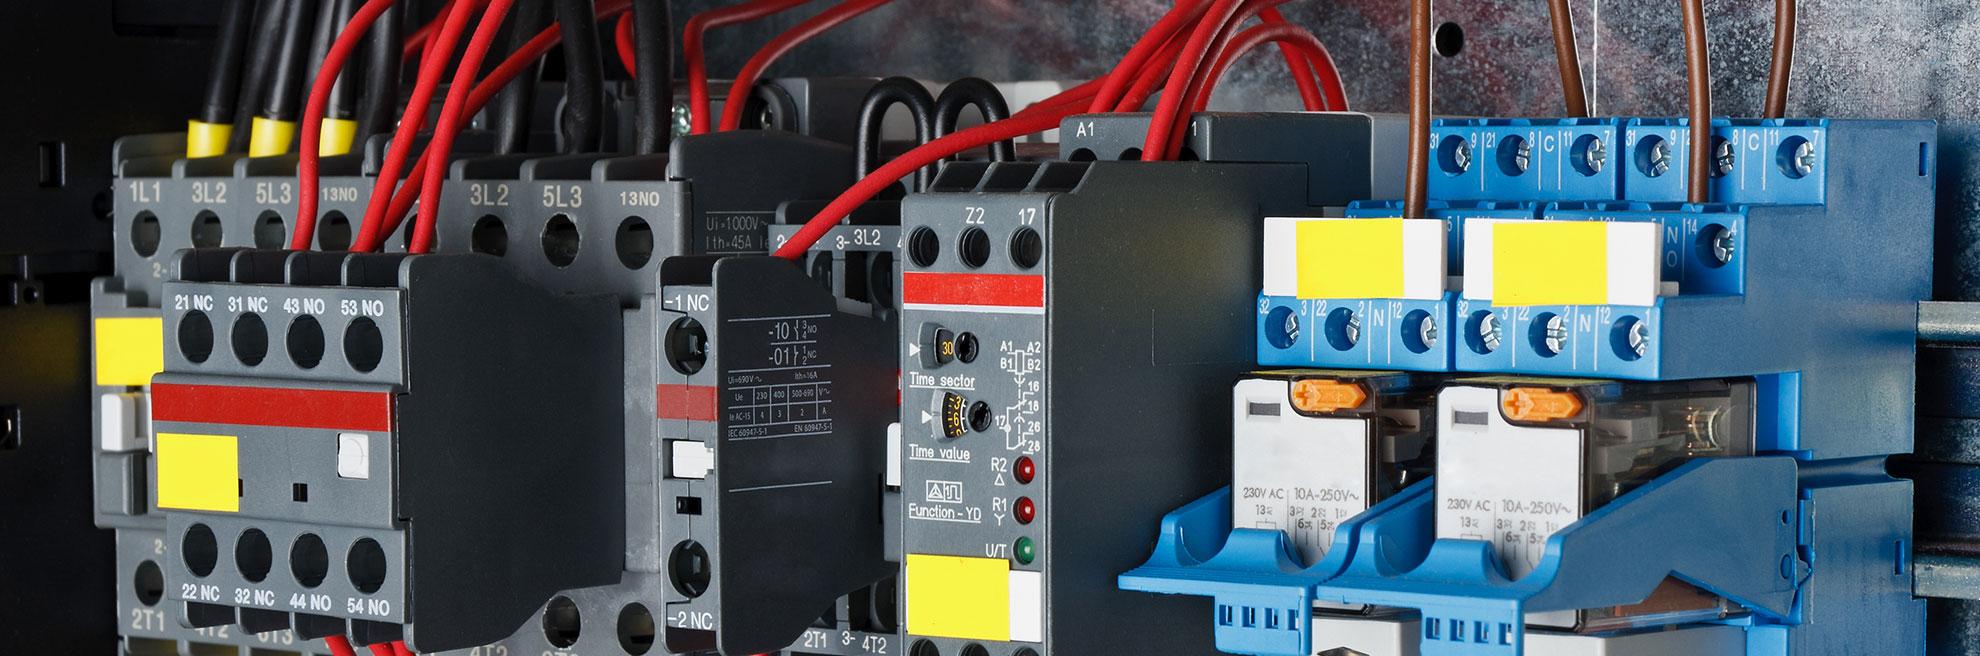 elektrotechnik-banner_februar2016